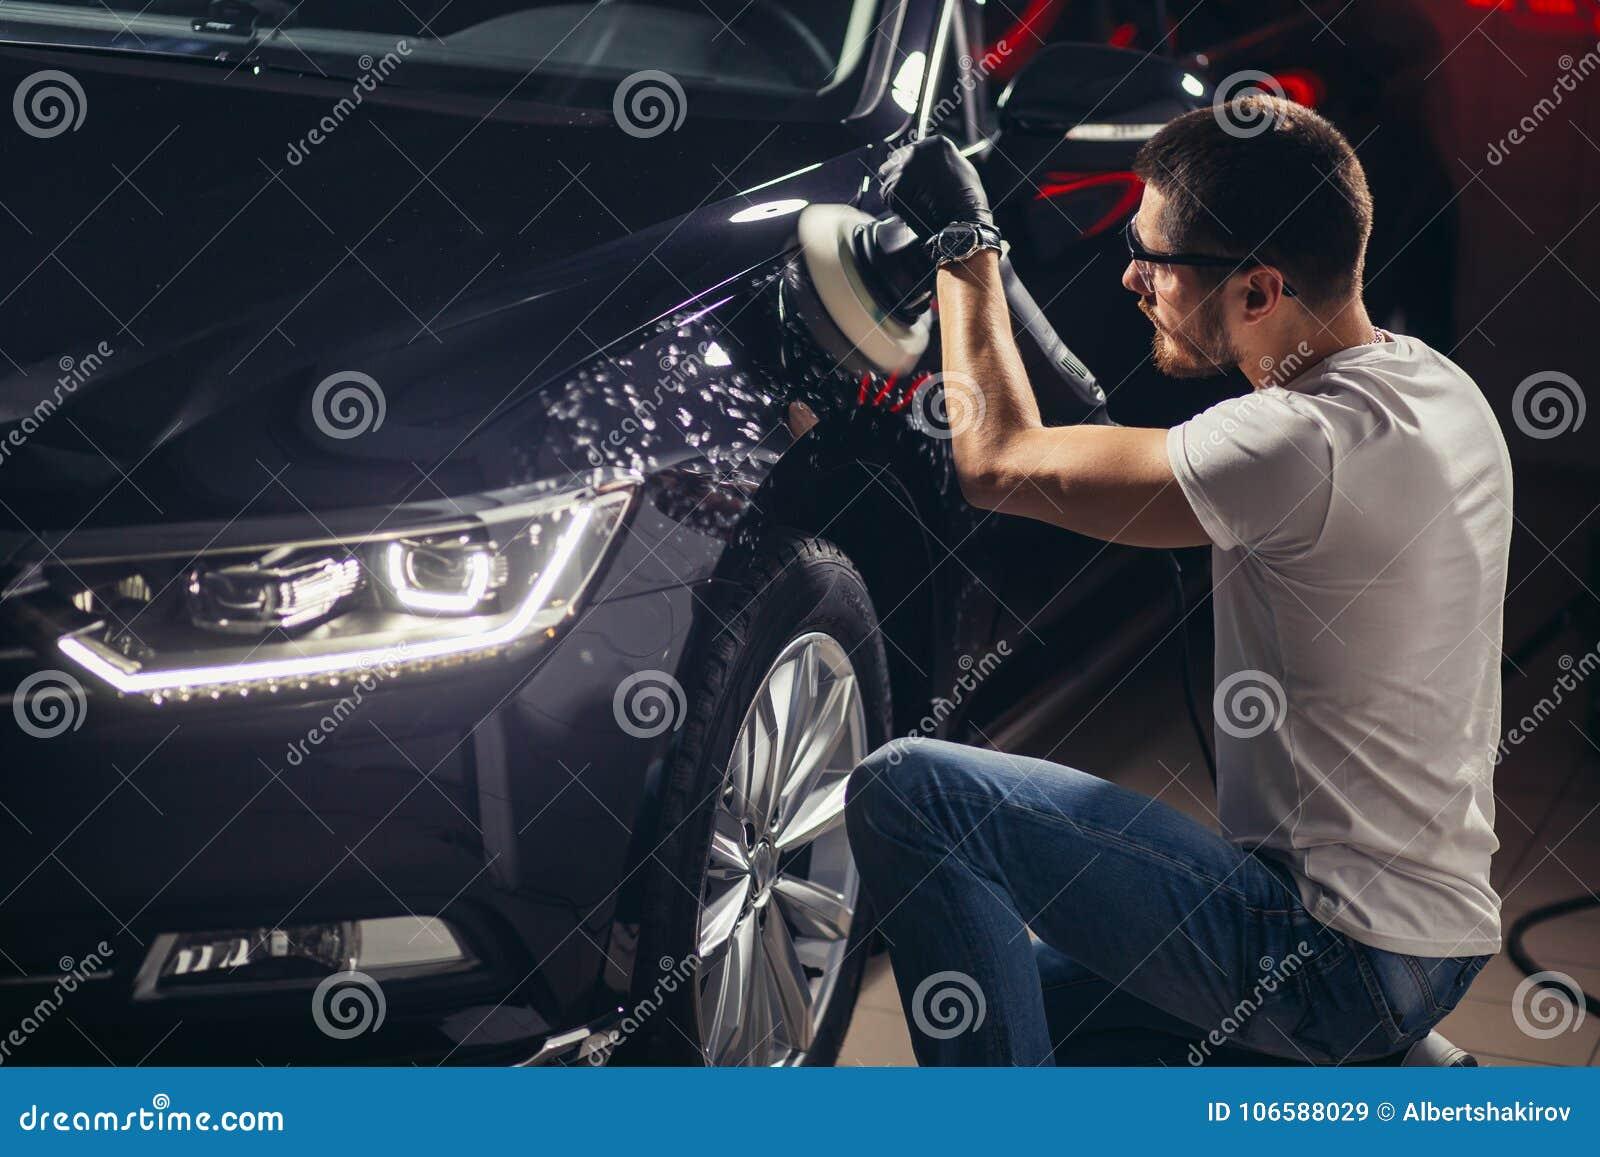 Detalle del coche - hombre con el pulidor orbital en taller de reparaciones auto Foco selectivo